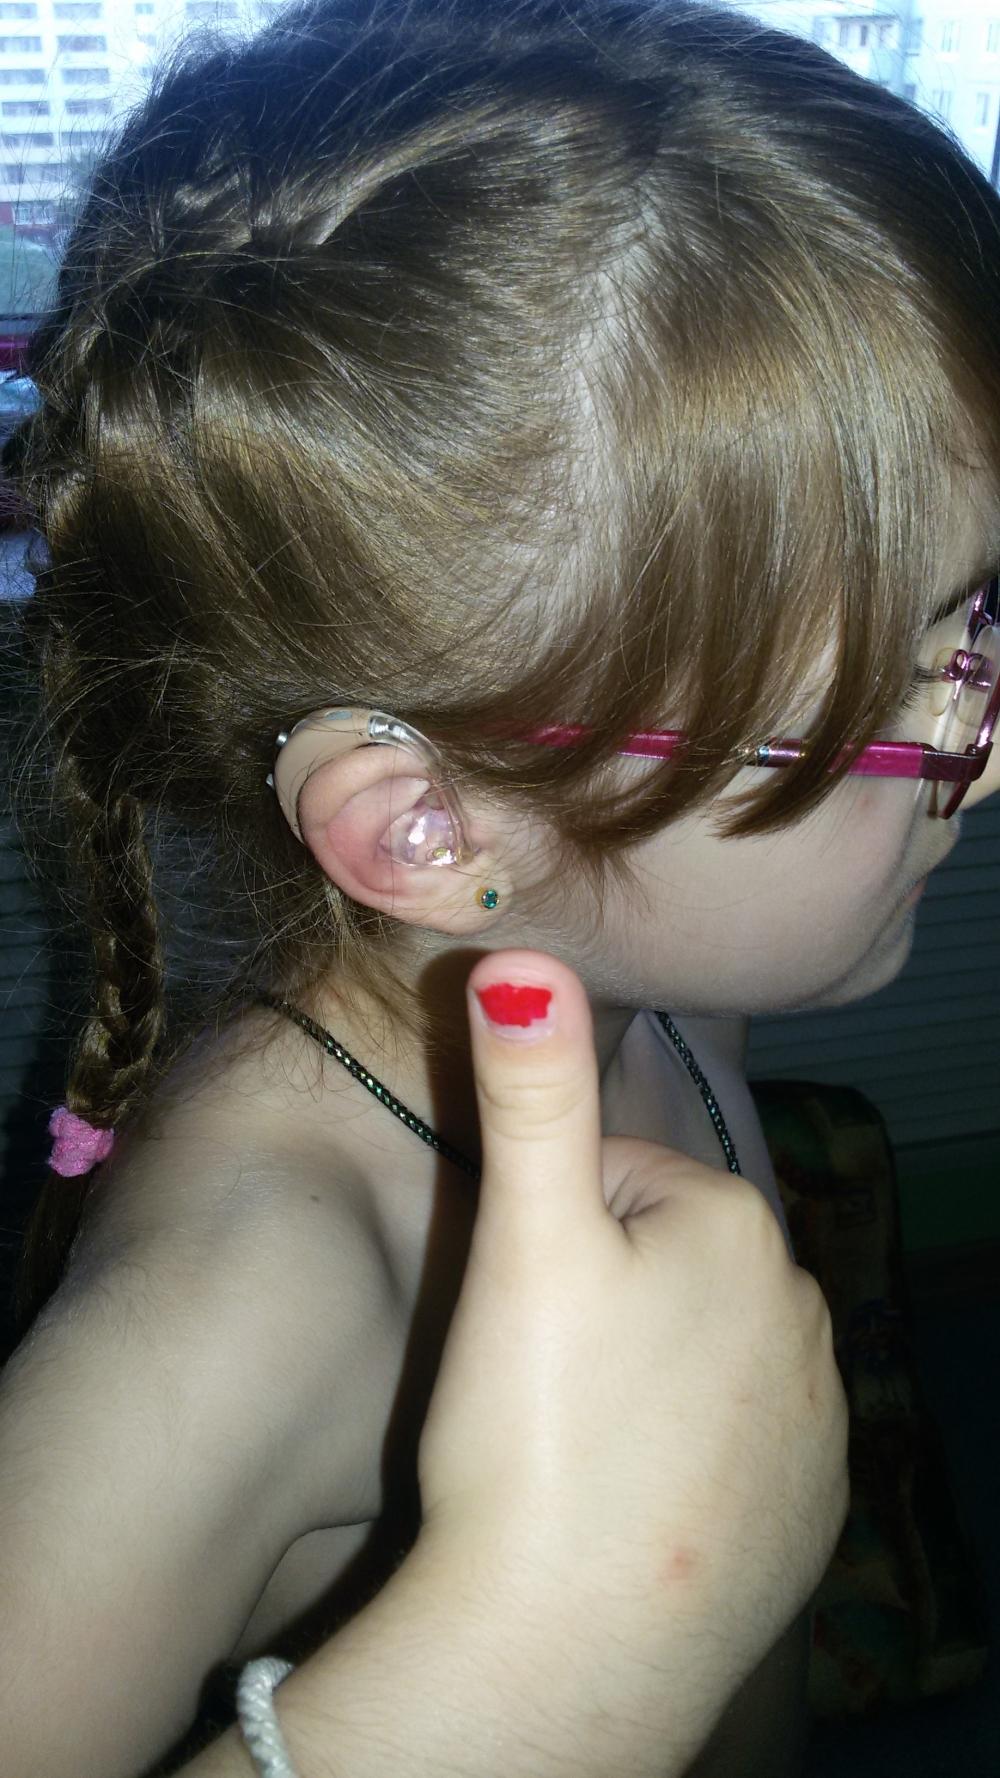 Теперь малышке не нужно читать по губам - она слышит!